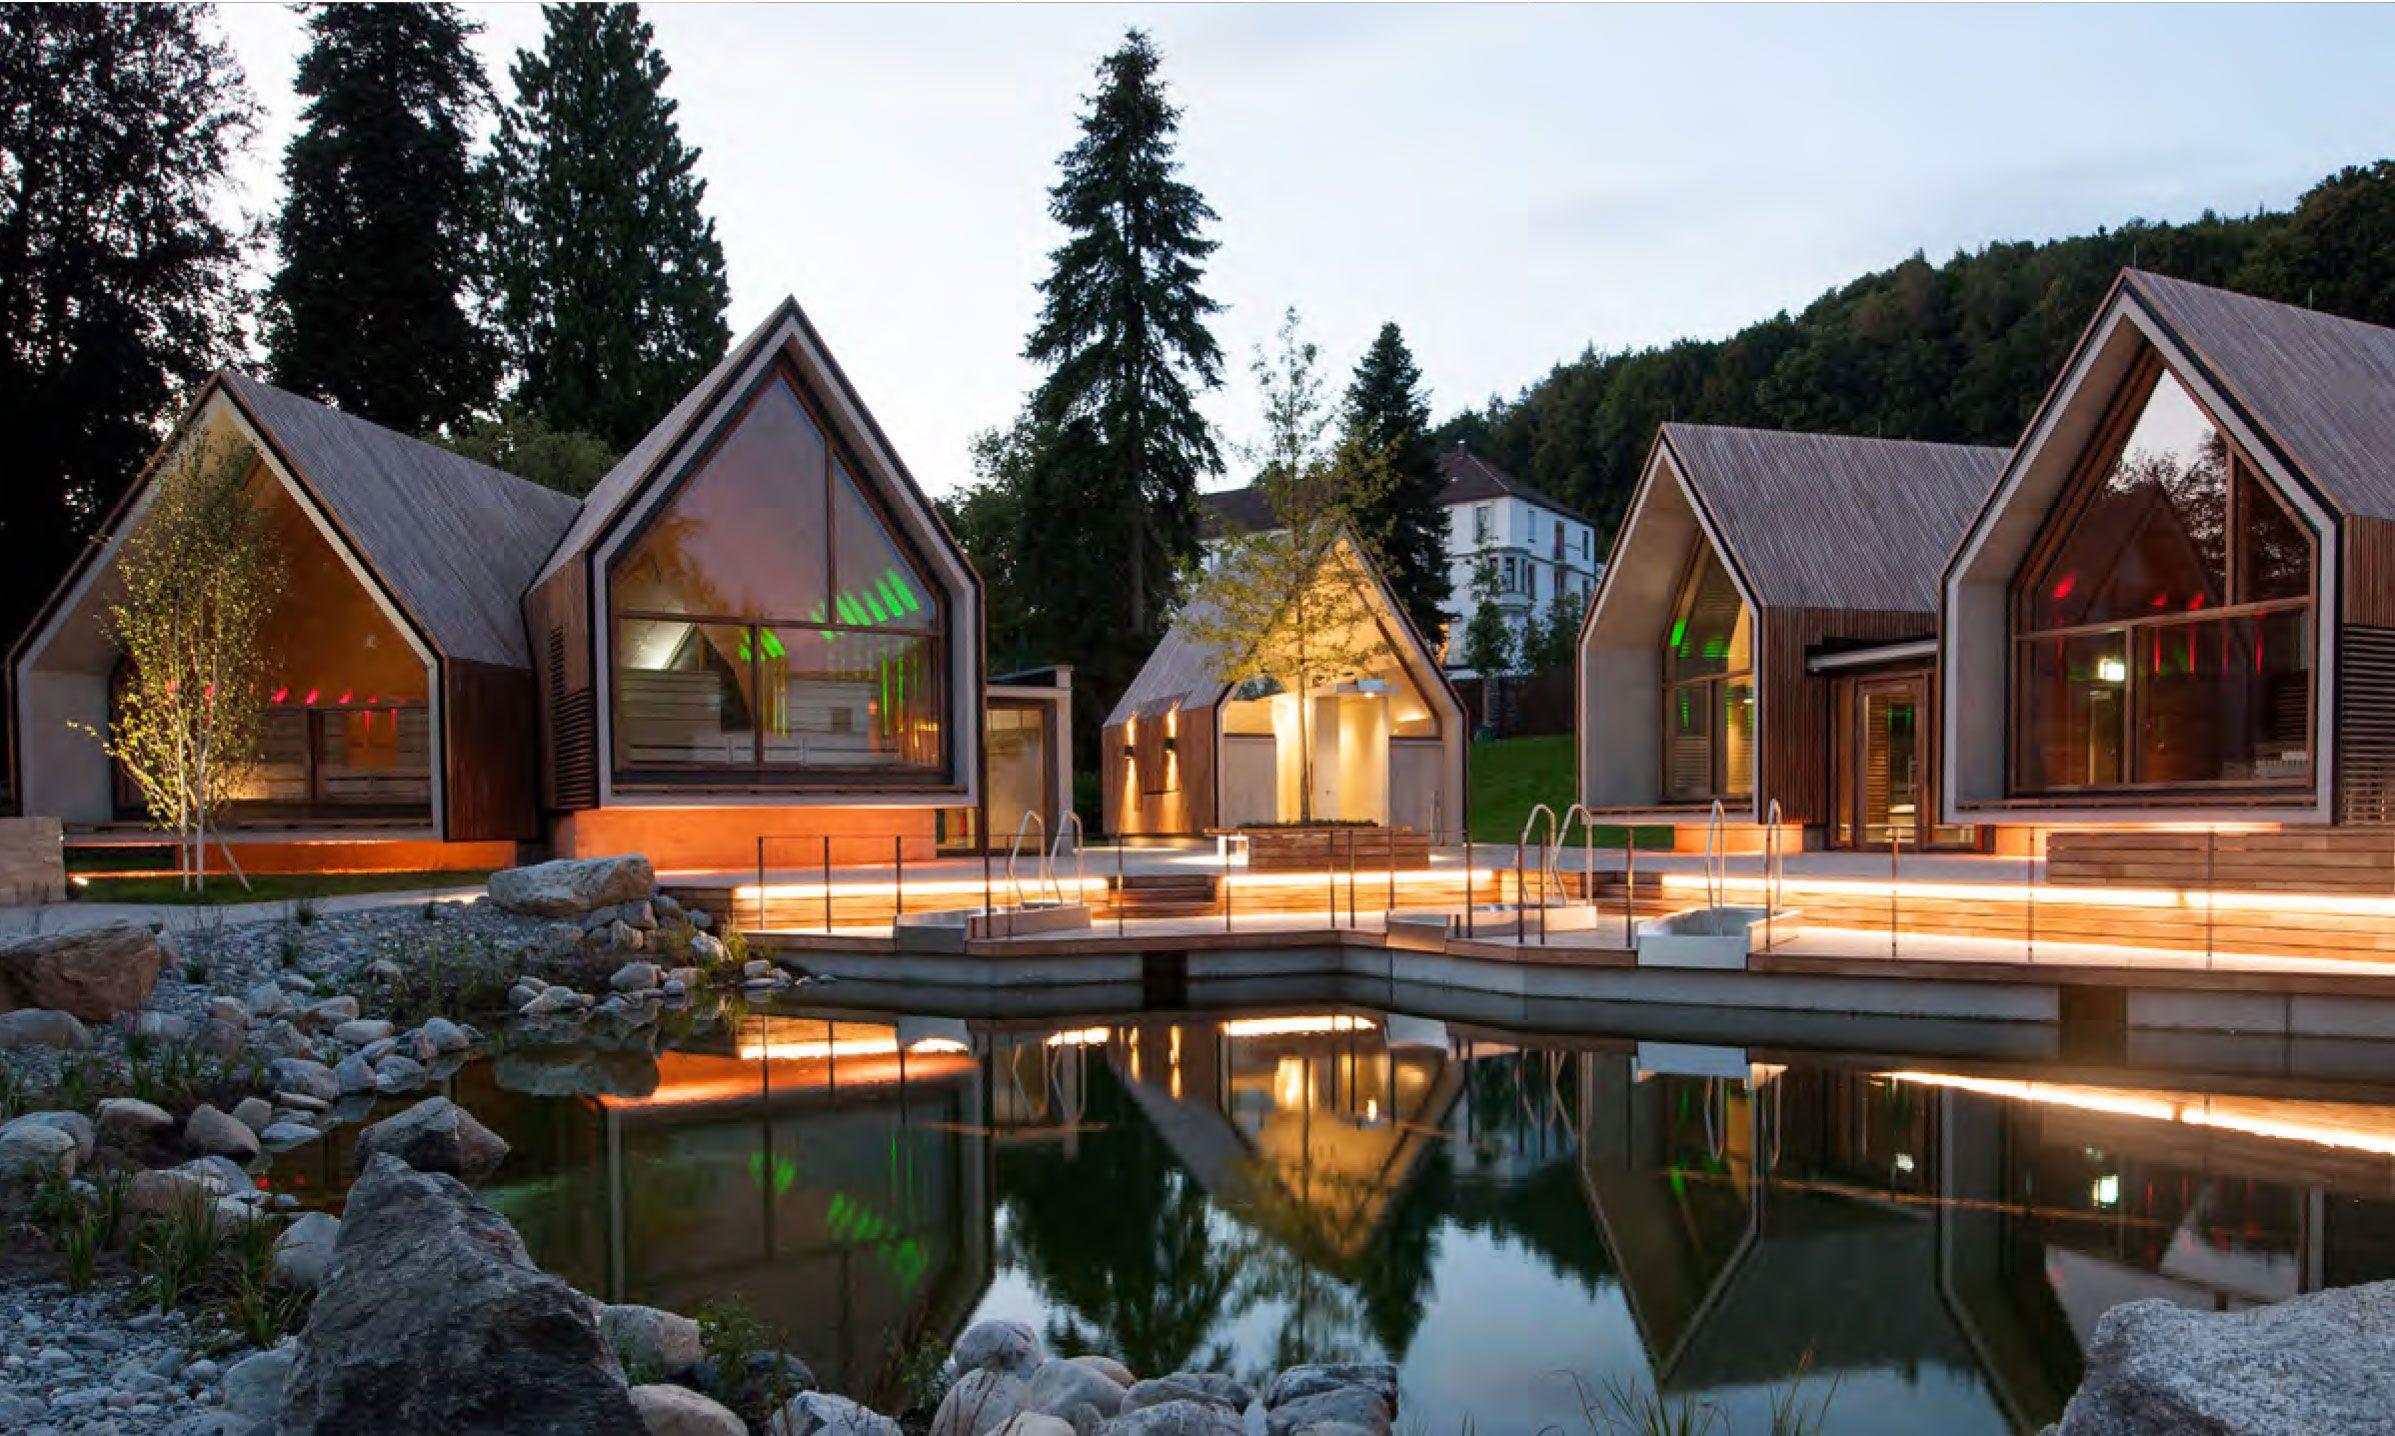 Architektur architektur modern architecture for Urlaub designhotel